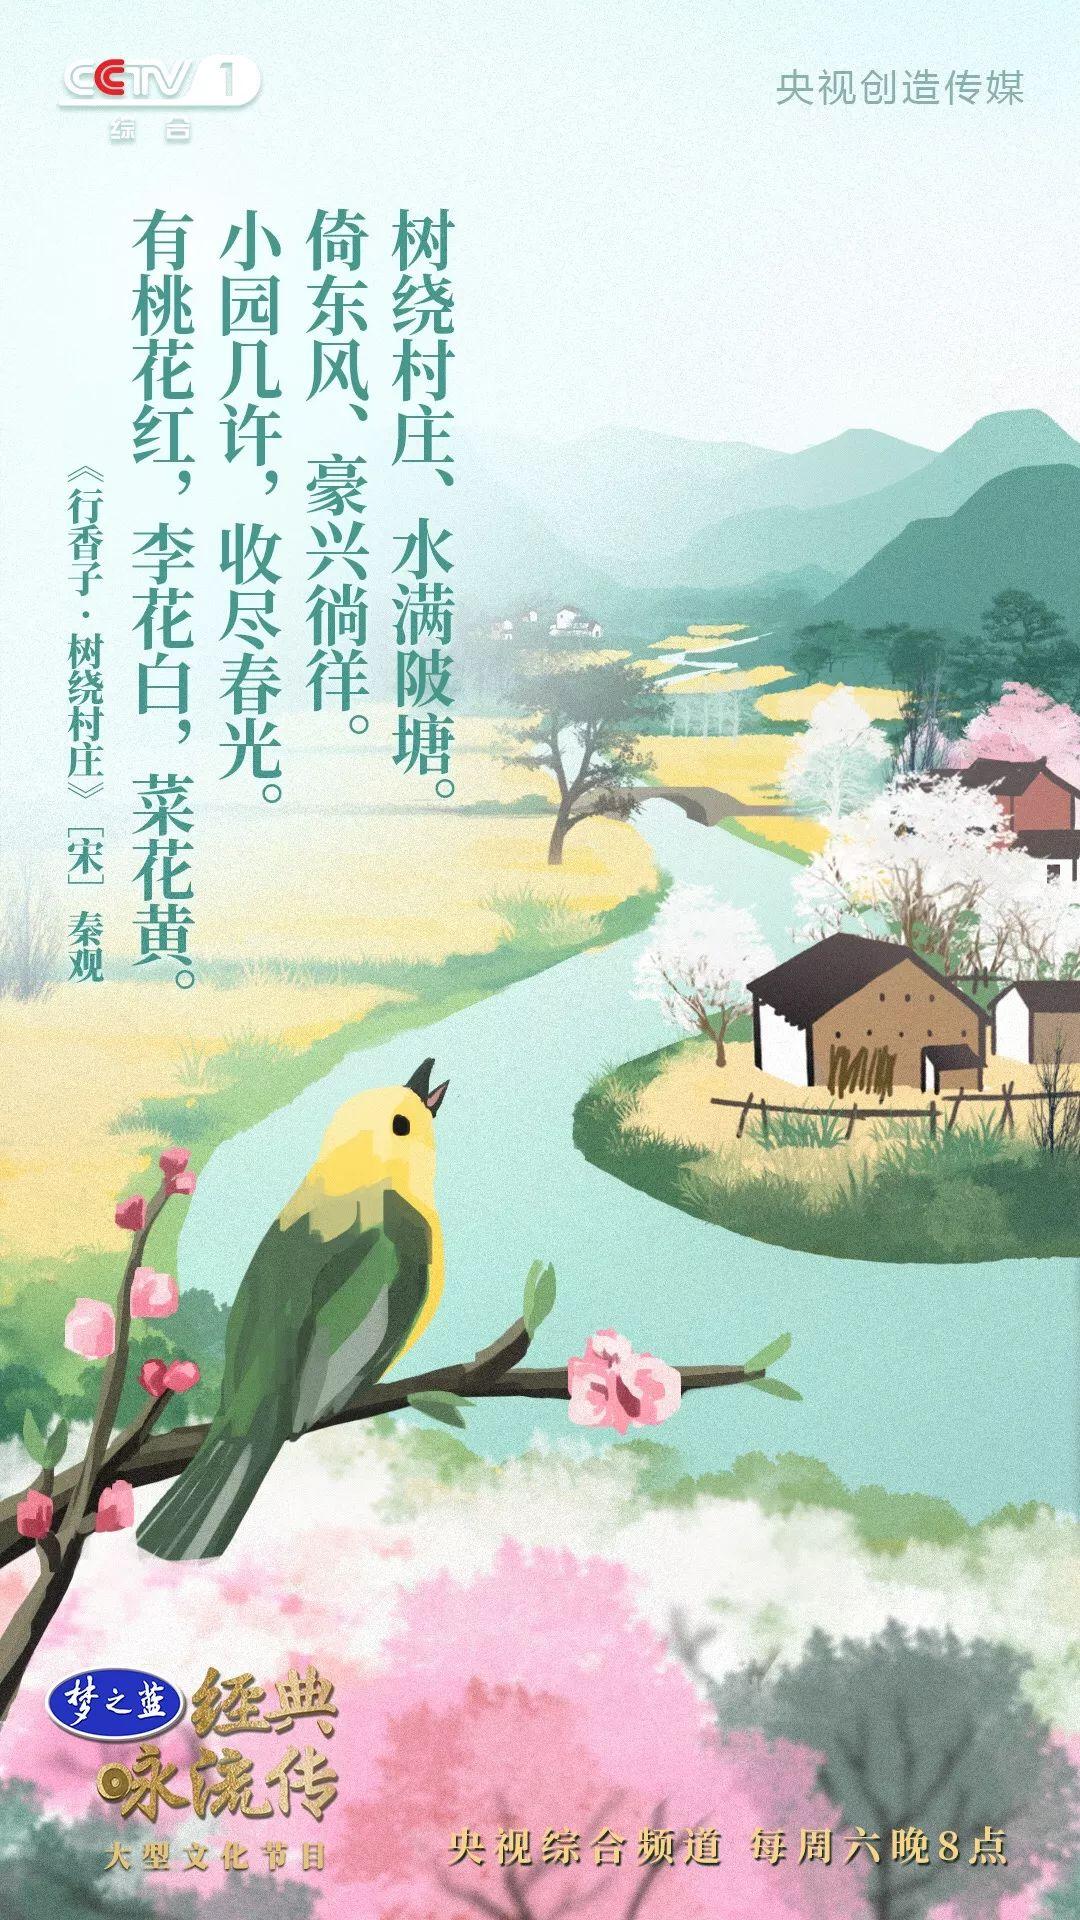 《经典咏流传》40首歌曲诗词及意境海报合集